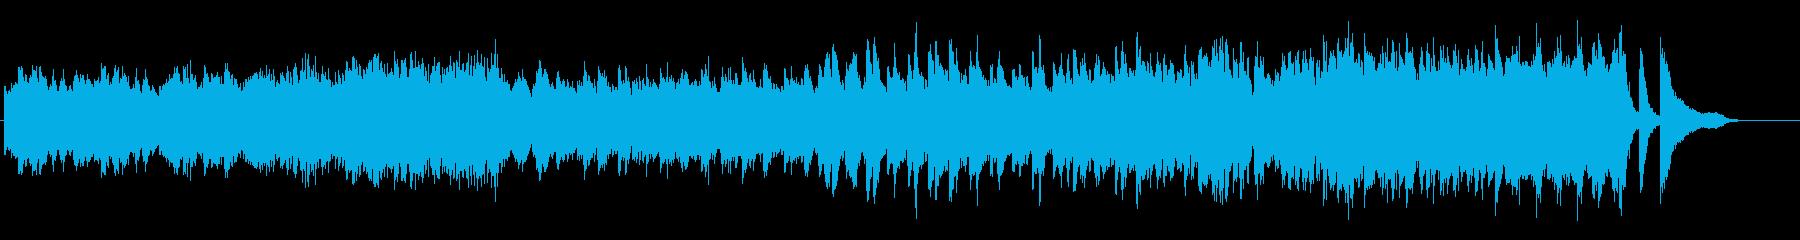 情熱的でハイテンポなショパン風のピアノ曲の再生済みの波形